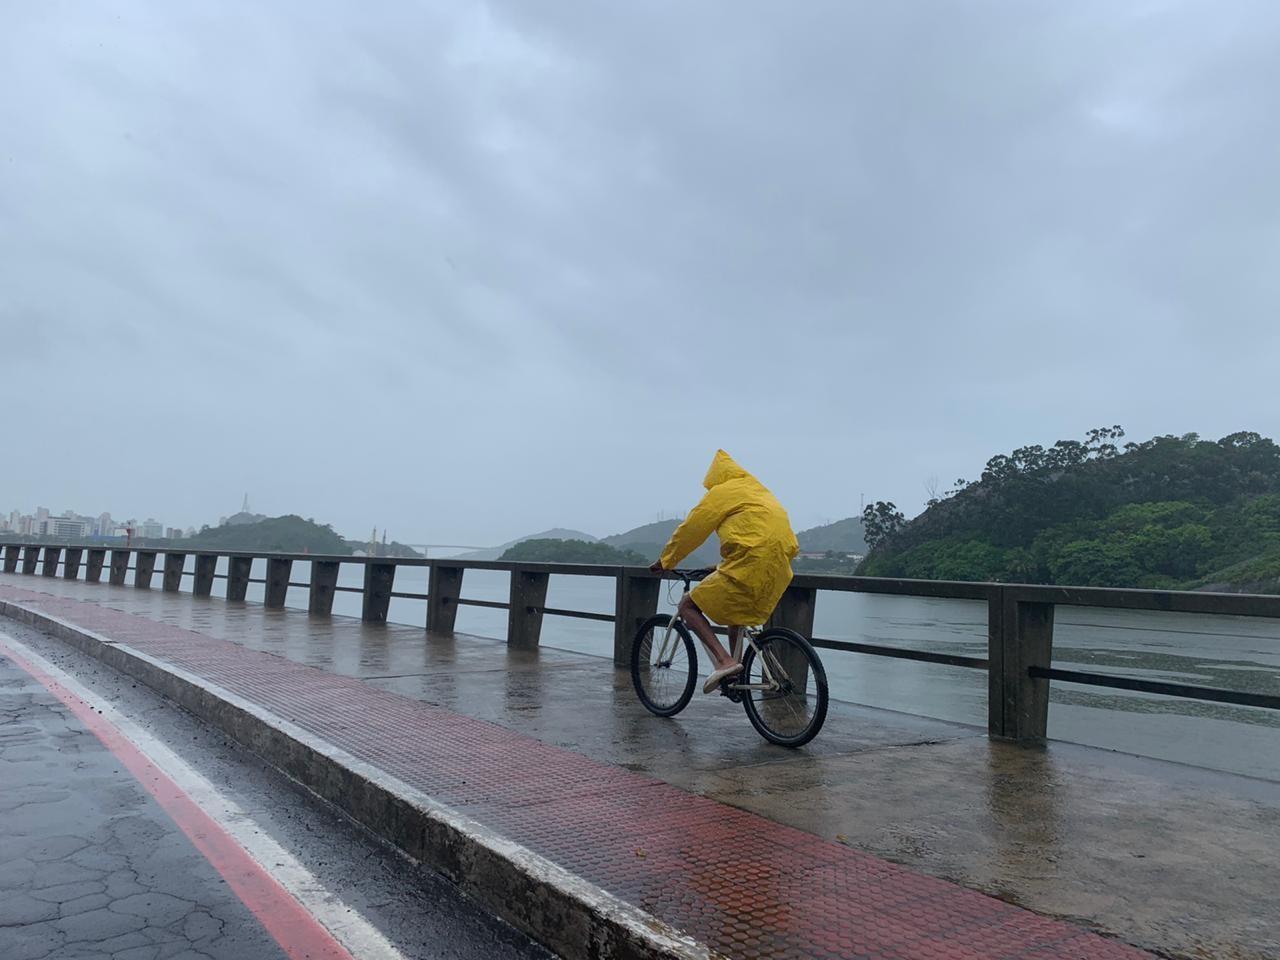 ES tem alertas de chuvas intensas, ressaca e ventos de até 100 km/h